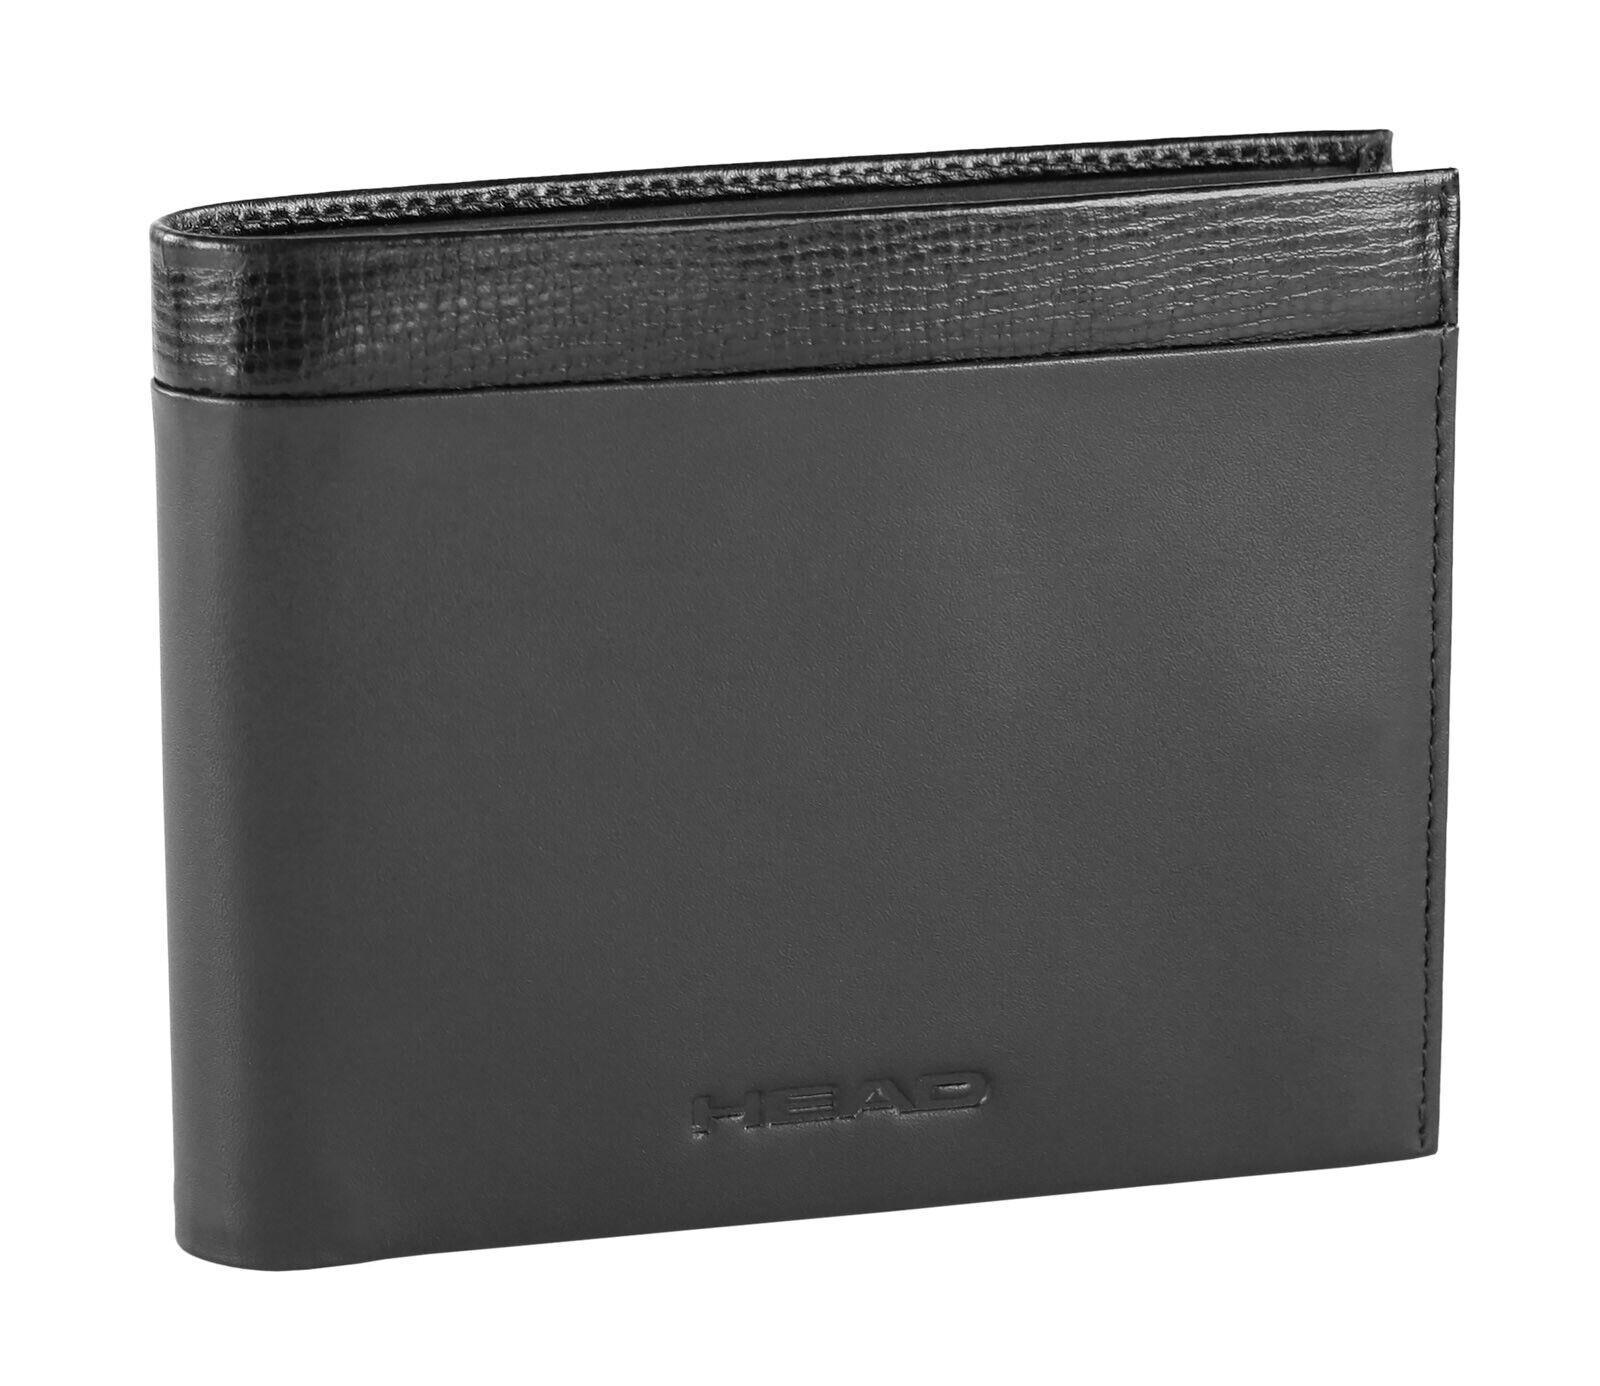 HEAD Glide Scheintasche mit Klappe Geldbörse Portemonnaie Leder Schwarz Wallet